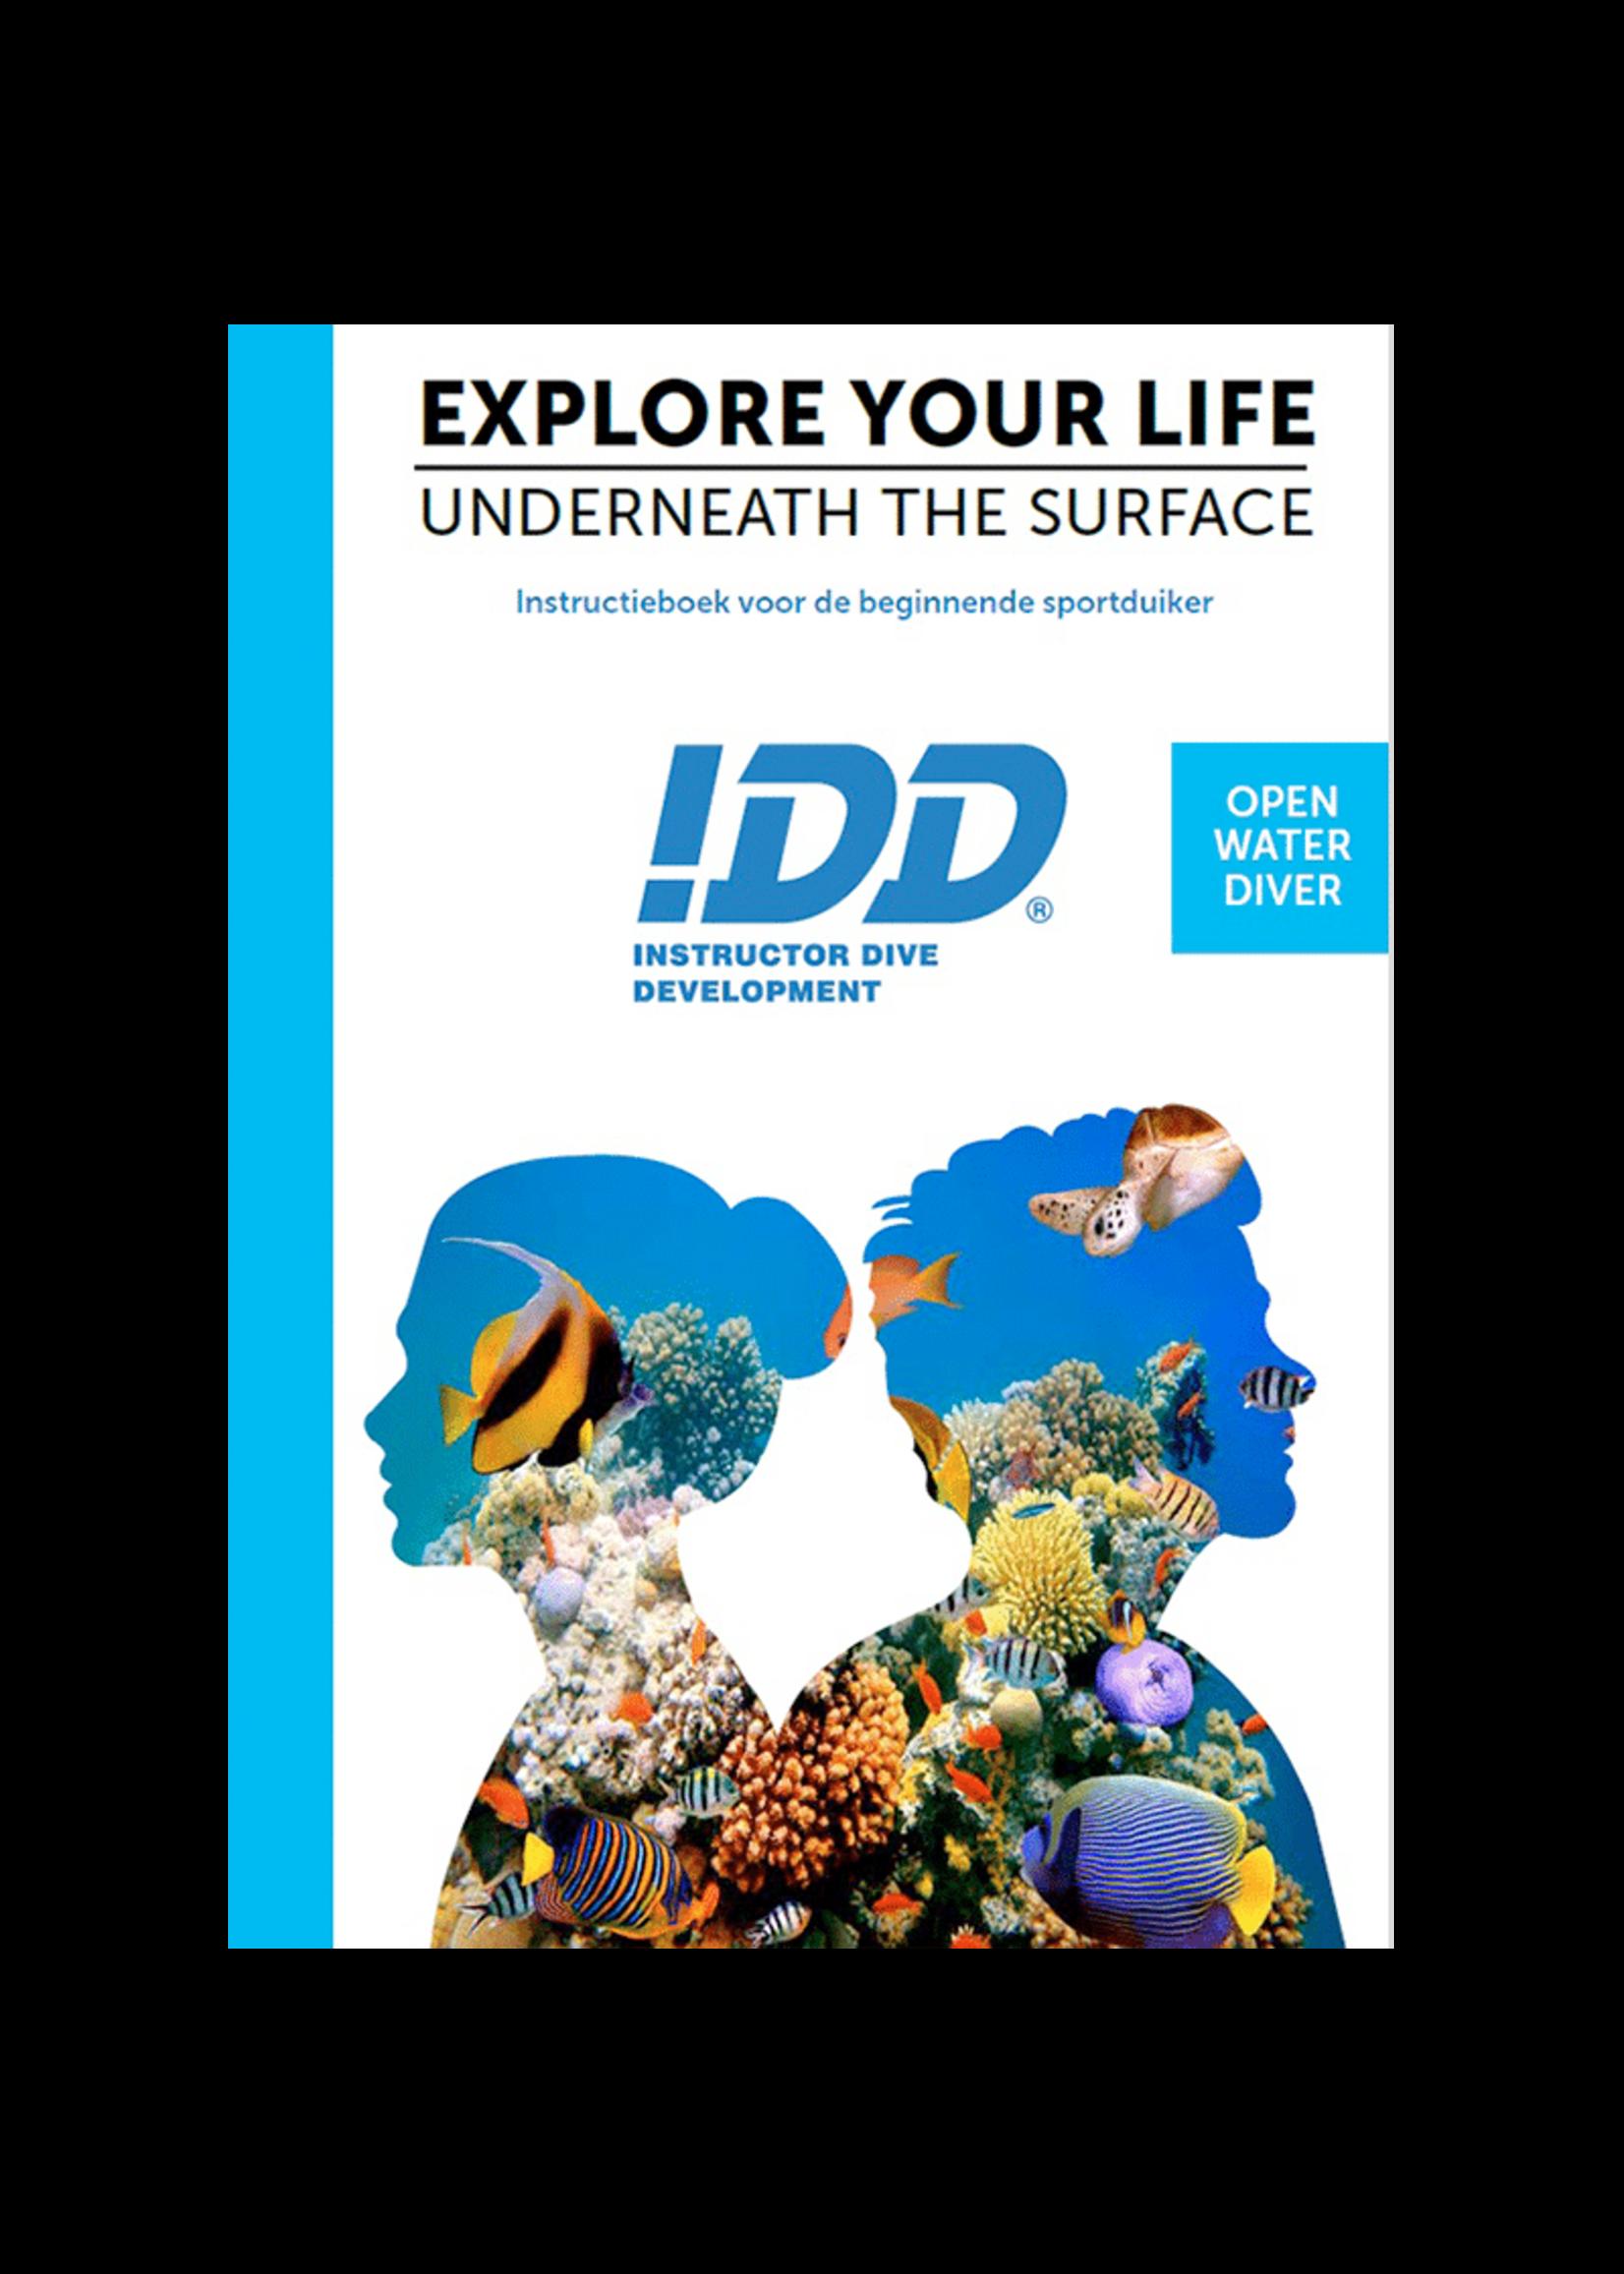 IDD Handboek Open Water Diver